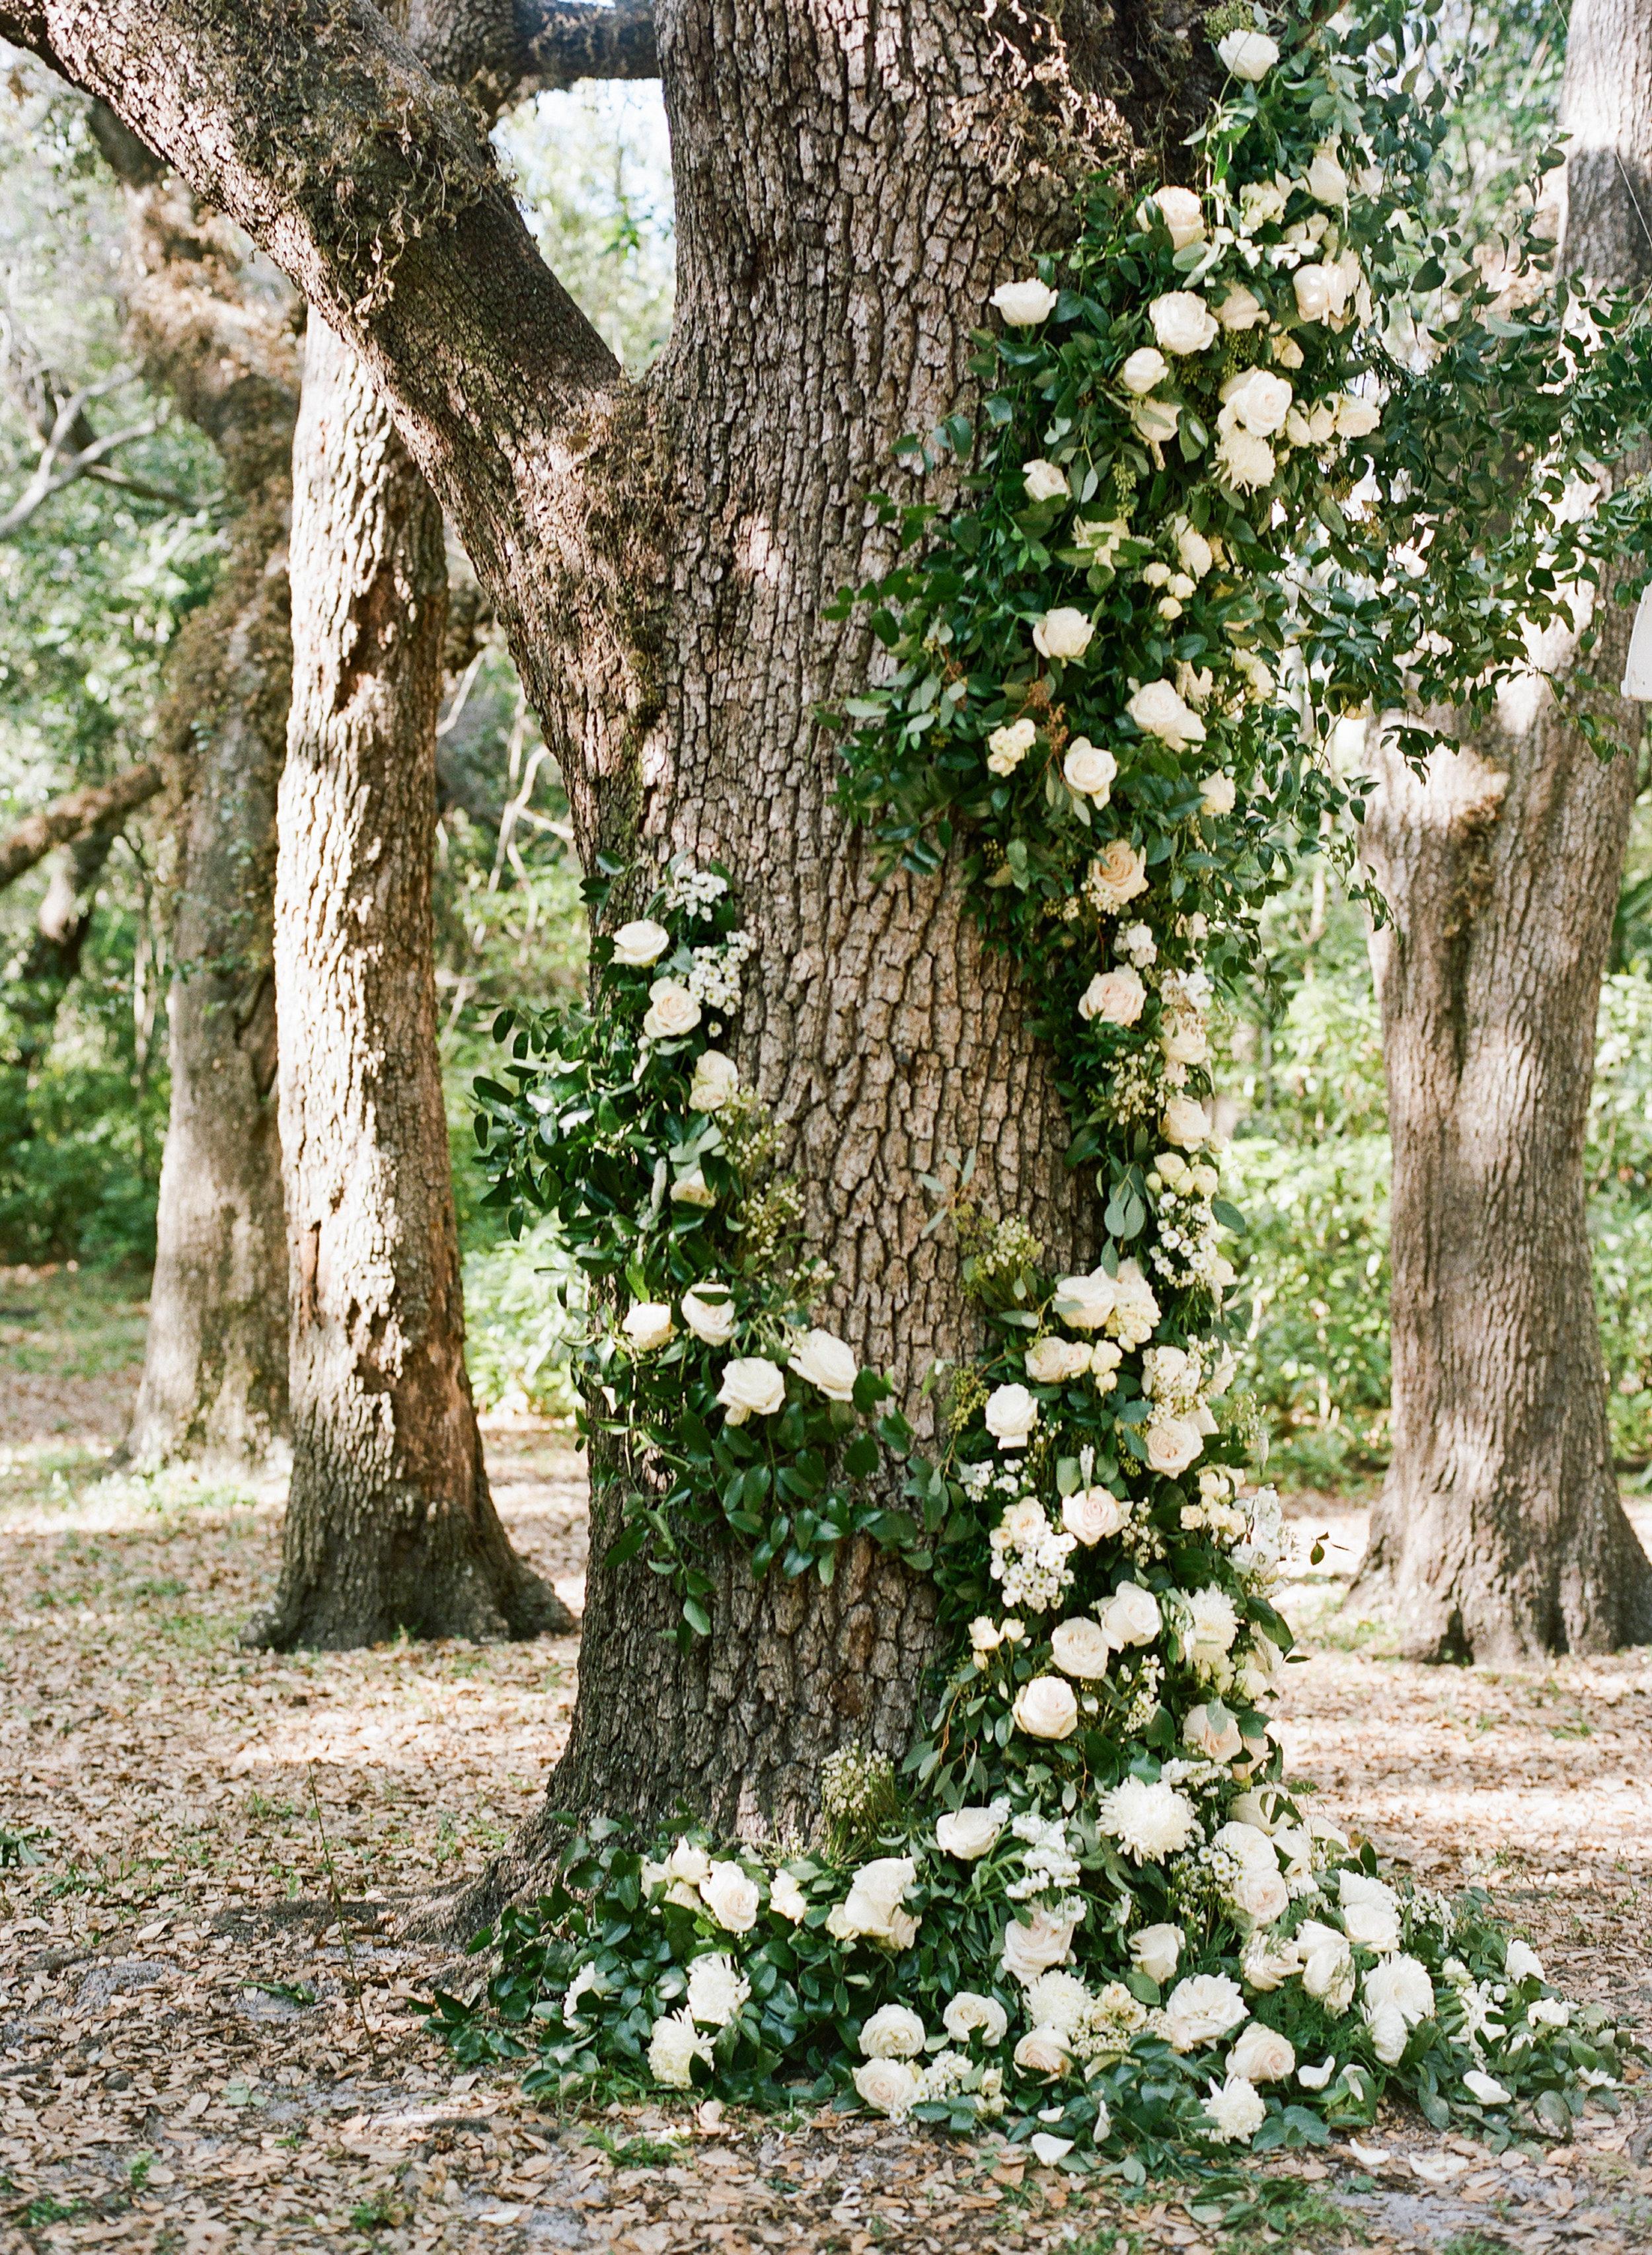 25-cascading-flowers-tree-trunk.jpg